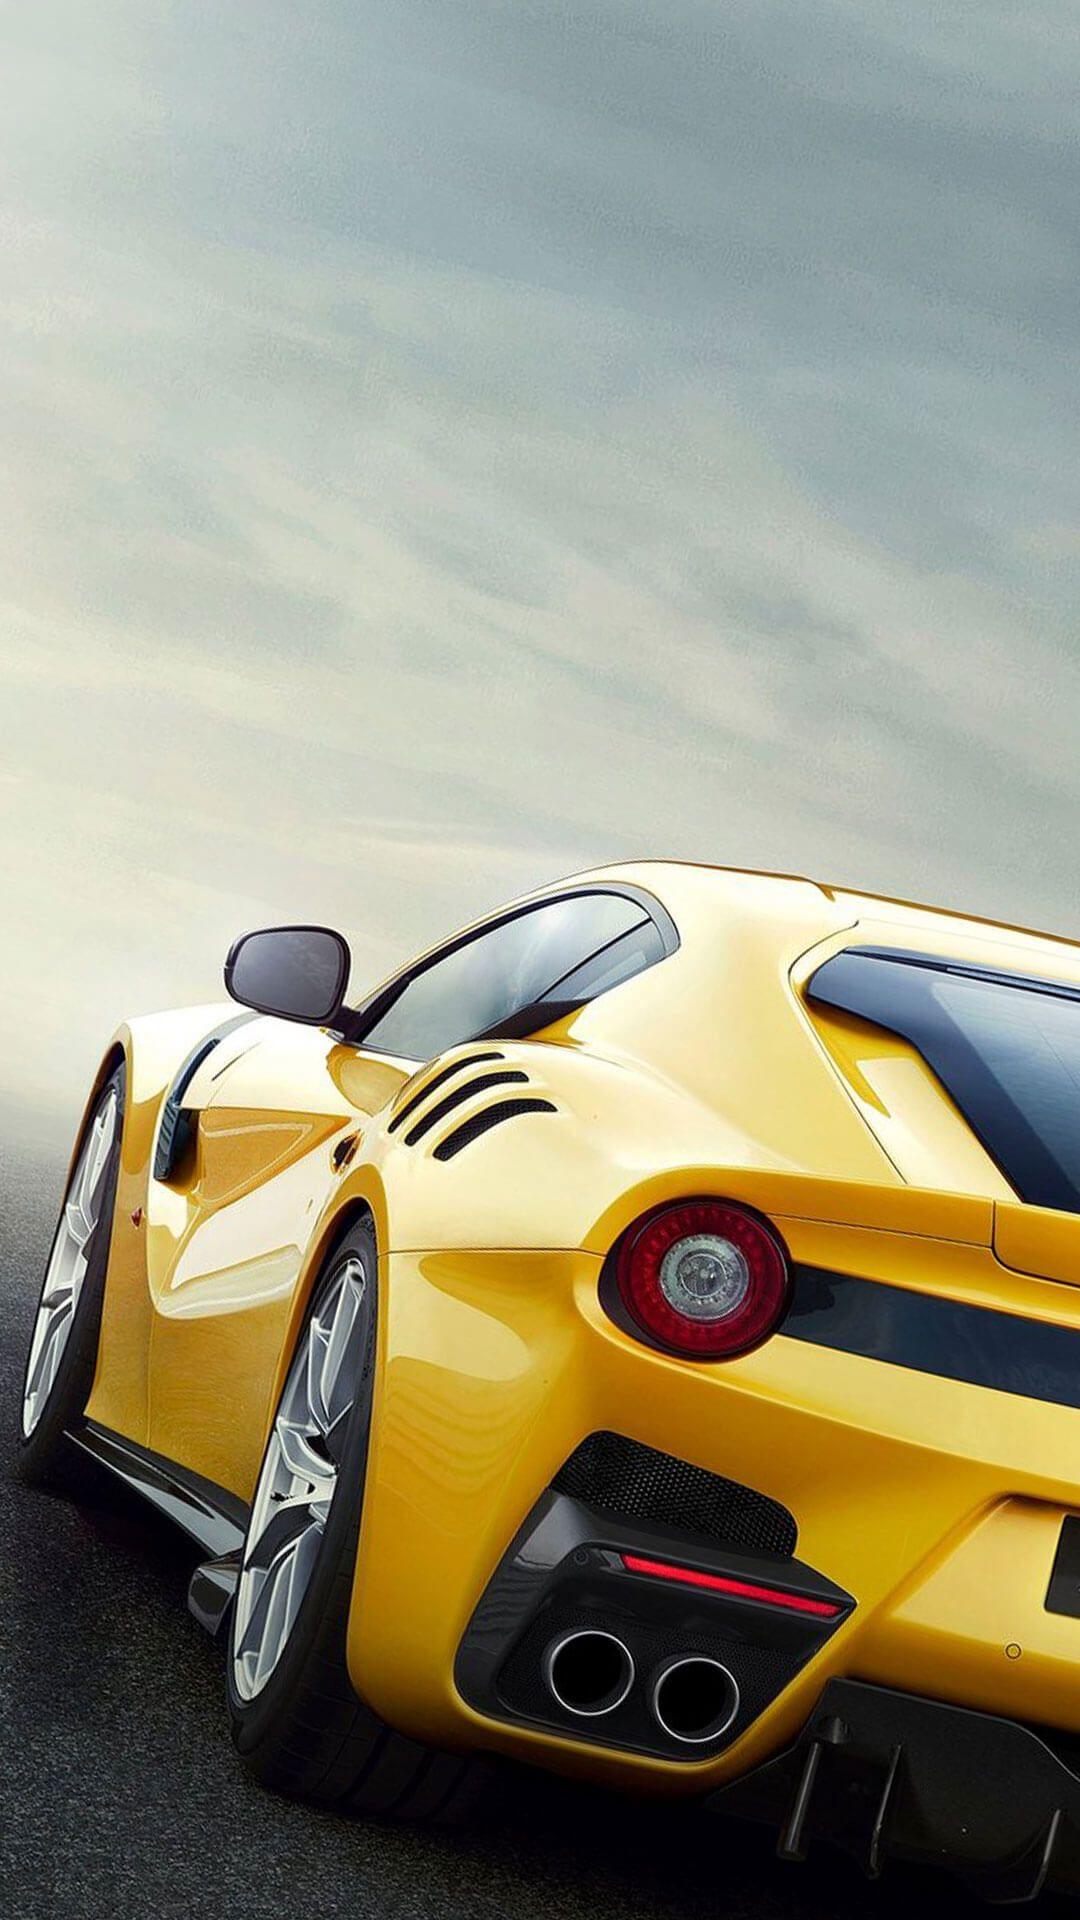 フェラーリ F12 スーパーカーのスマホ壁紙 Iphonex スマホ壁紙 待受画像ギャラリー フェラーリf12 Iphone 用壁紙 スーパーカー